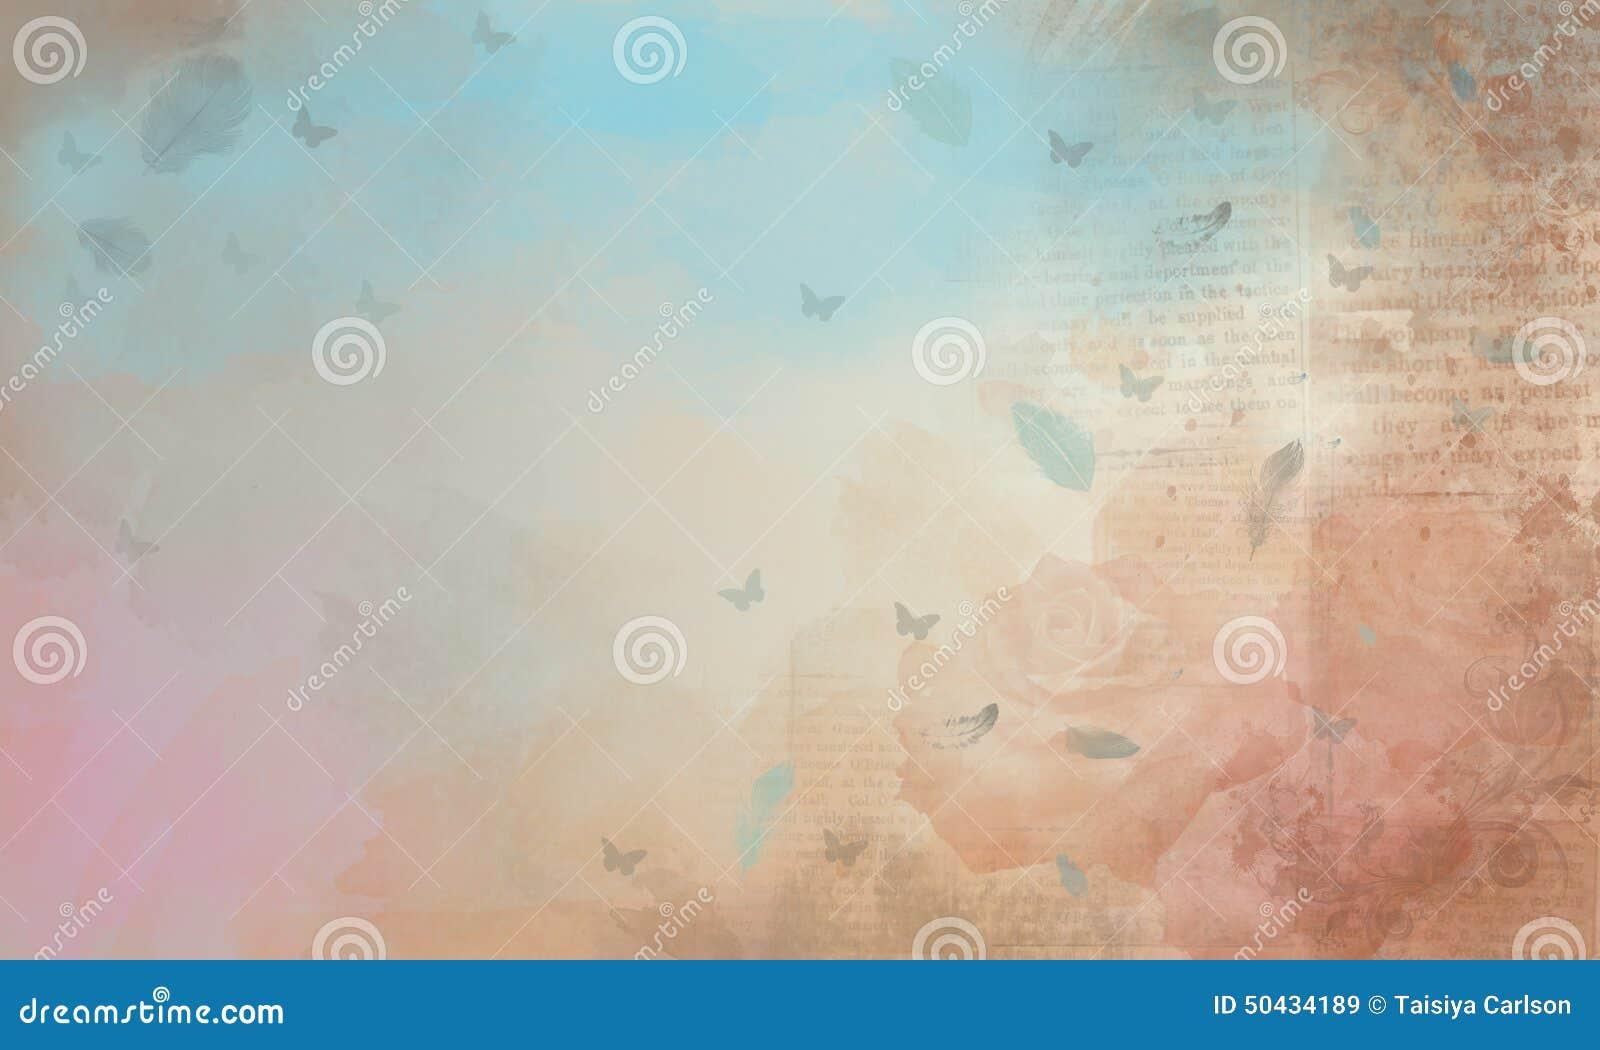 background, roses, old newspaper stock illustration - illustration